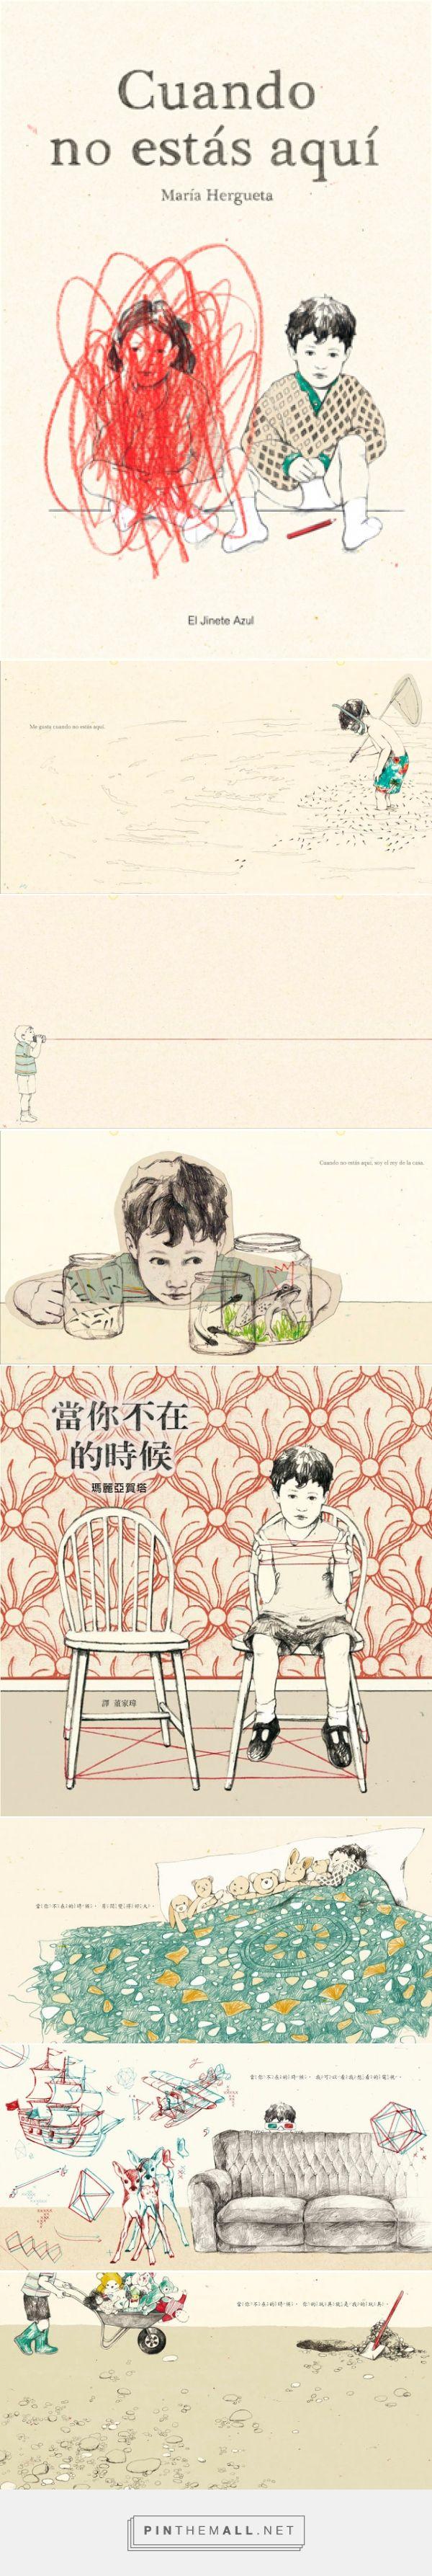 Libros y Cuentos Infantiles, Juveniles e ilustrados: Cuando no estás aquí álbum ilustrado por la ilustradora María Hergueta - created via https://pinthemall.net